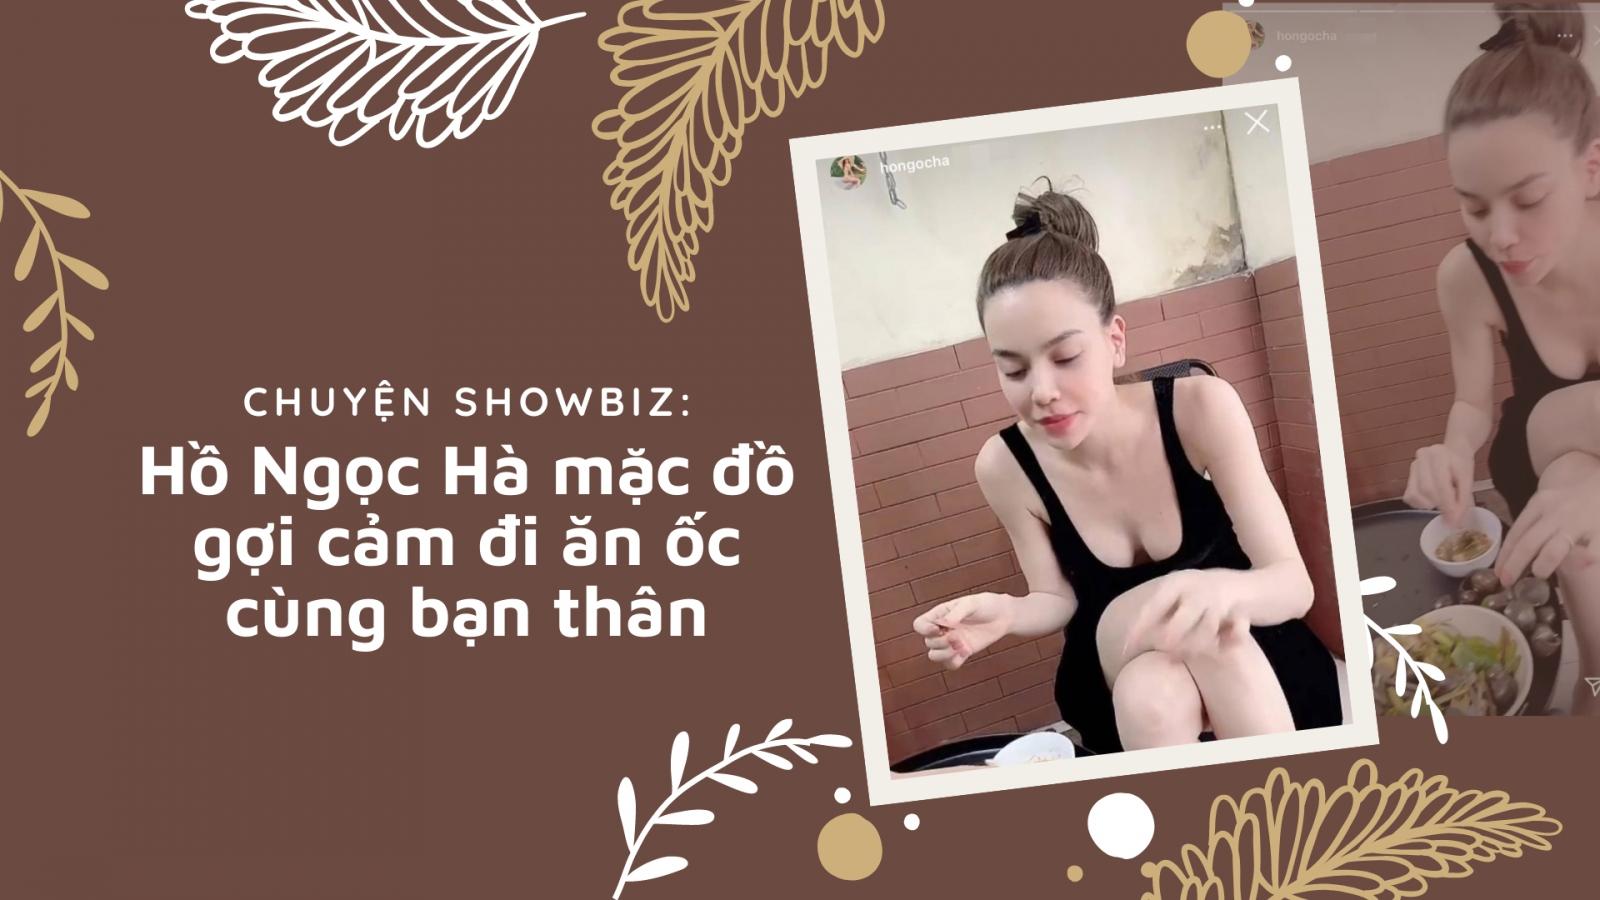 Chuyện showbiz: Hồ Ngọc Hà mặc đồ gợi cảm đi ăn ốc cùng bạn thân